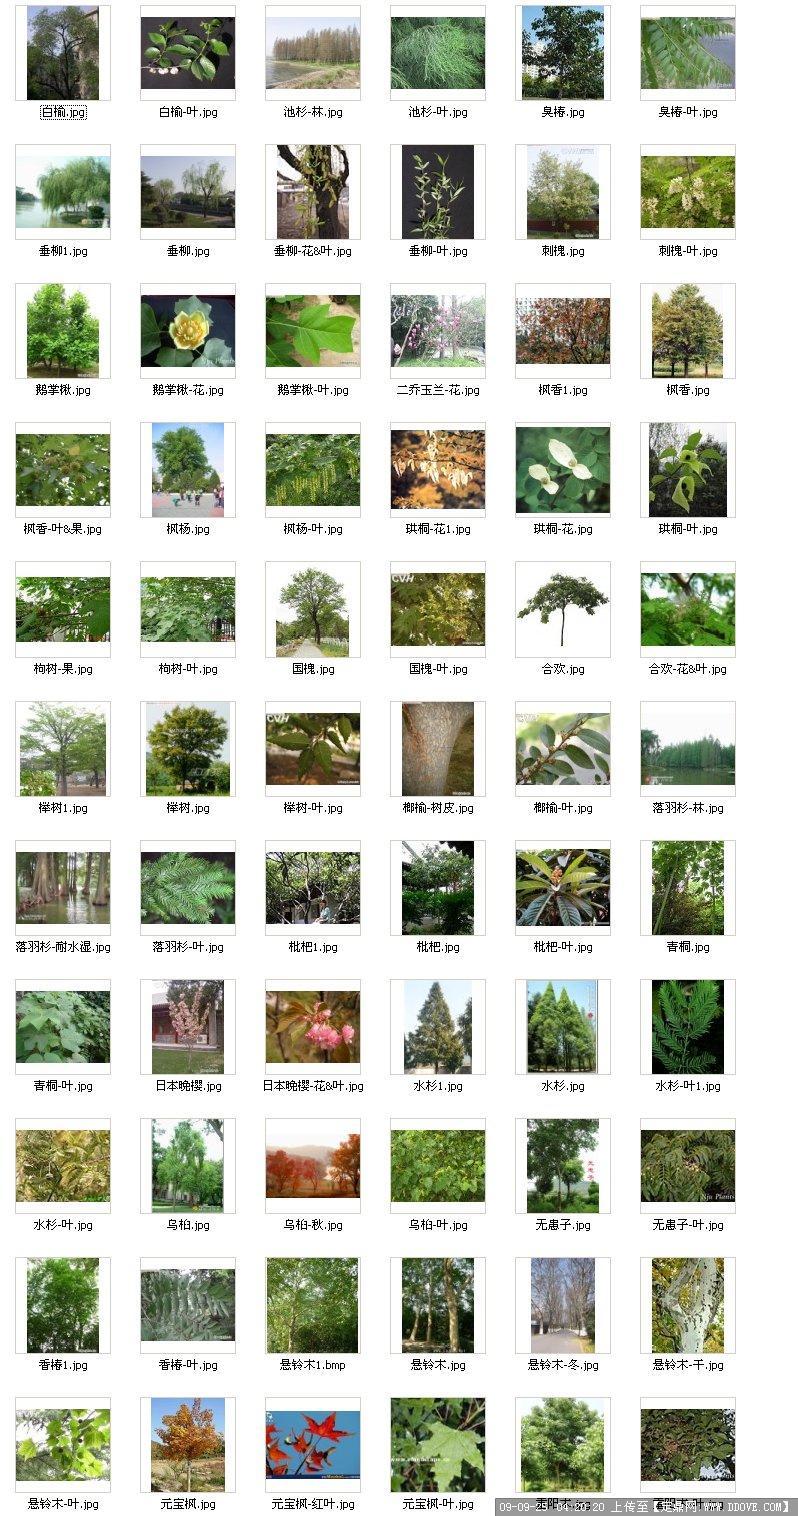 常绿乔木图片集锦